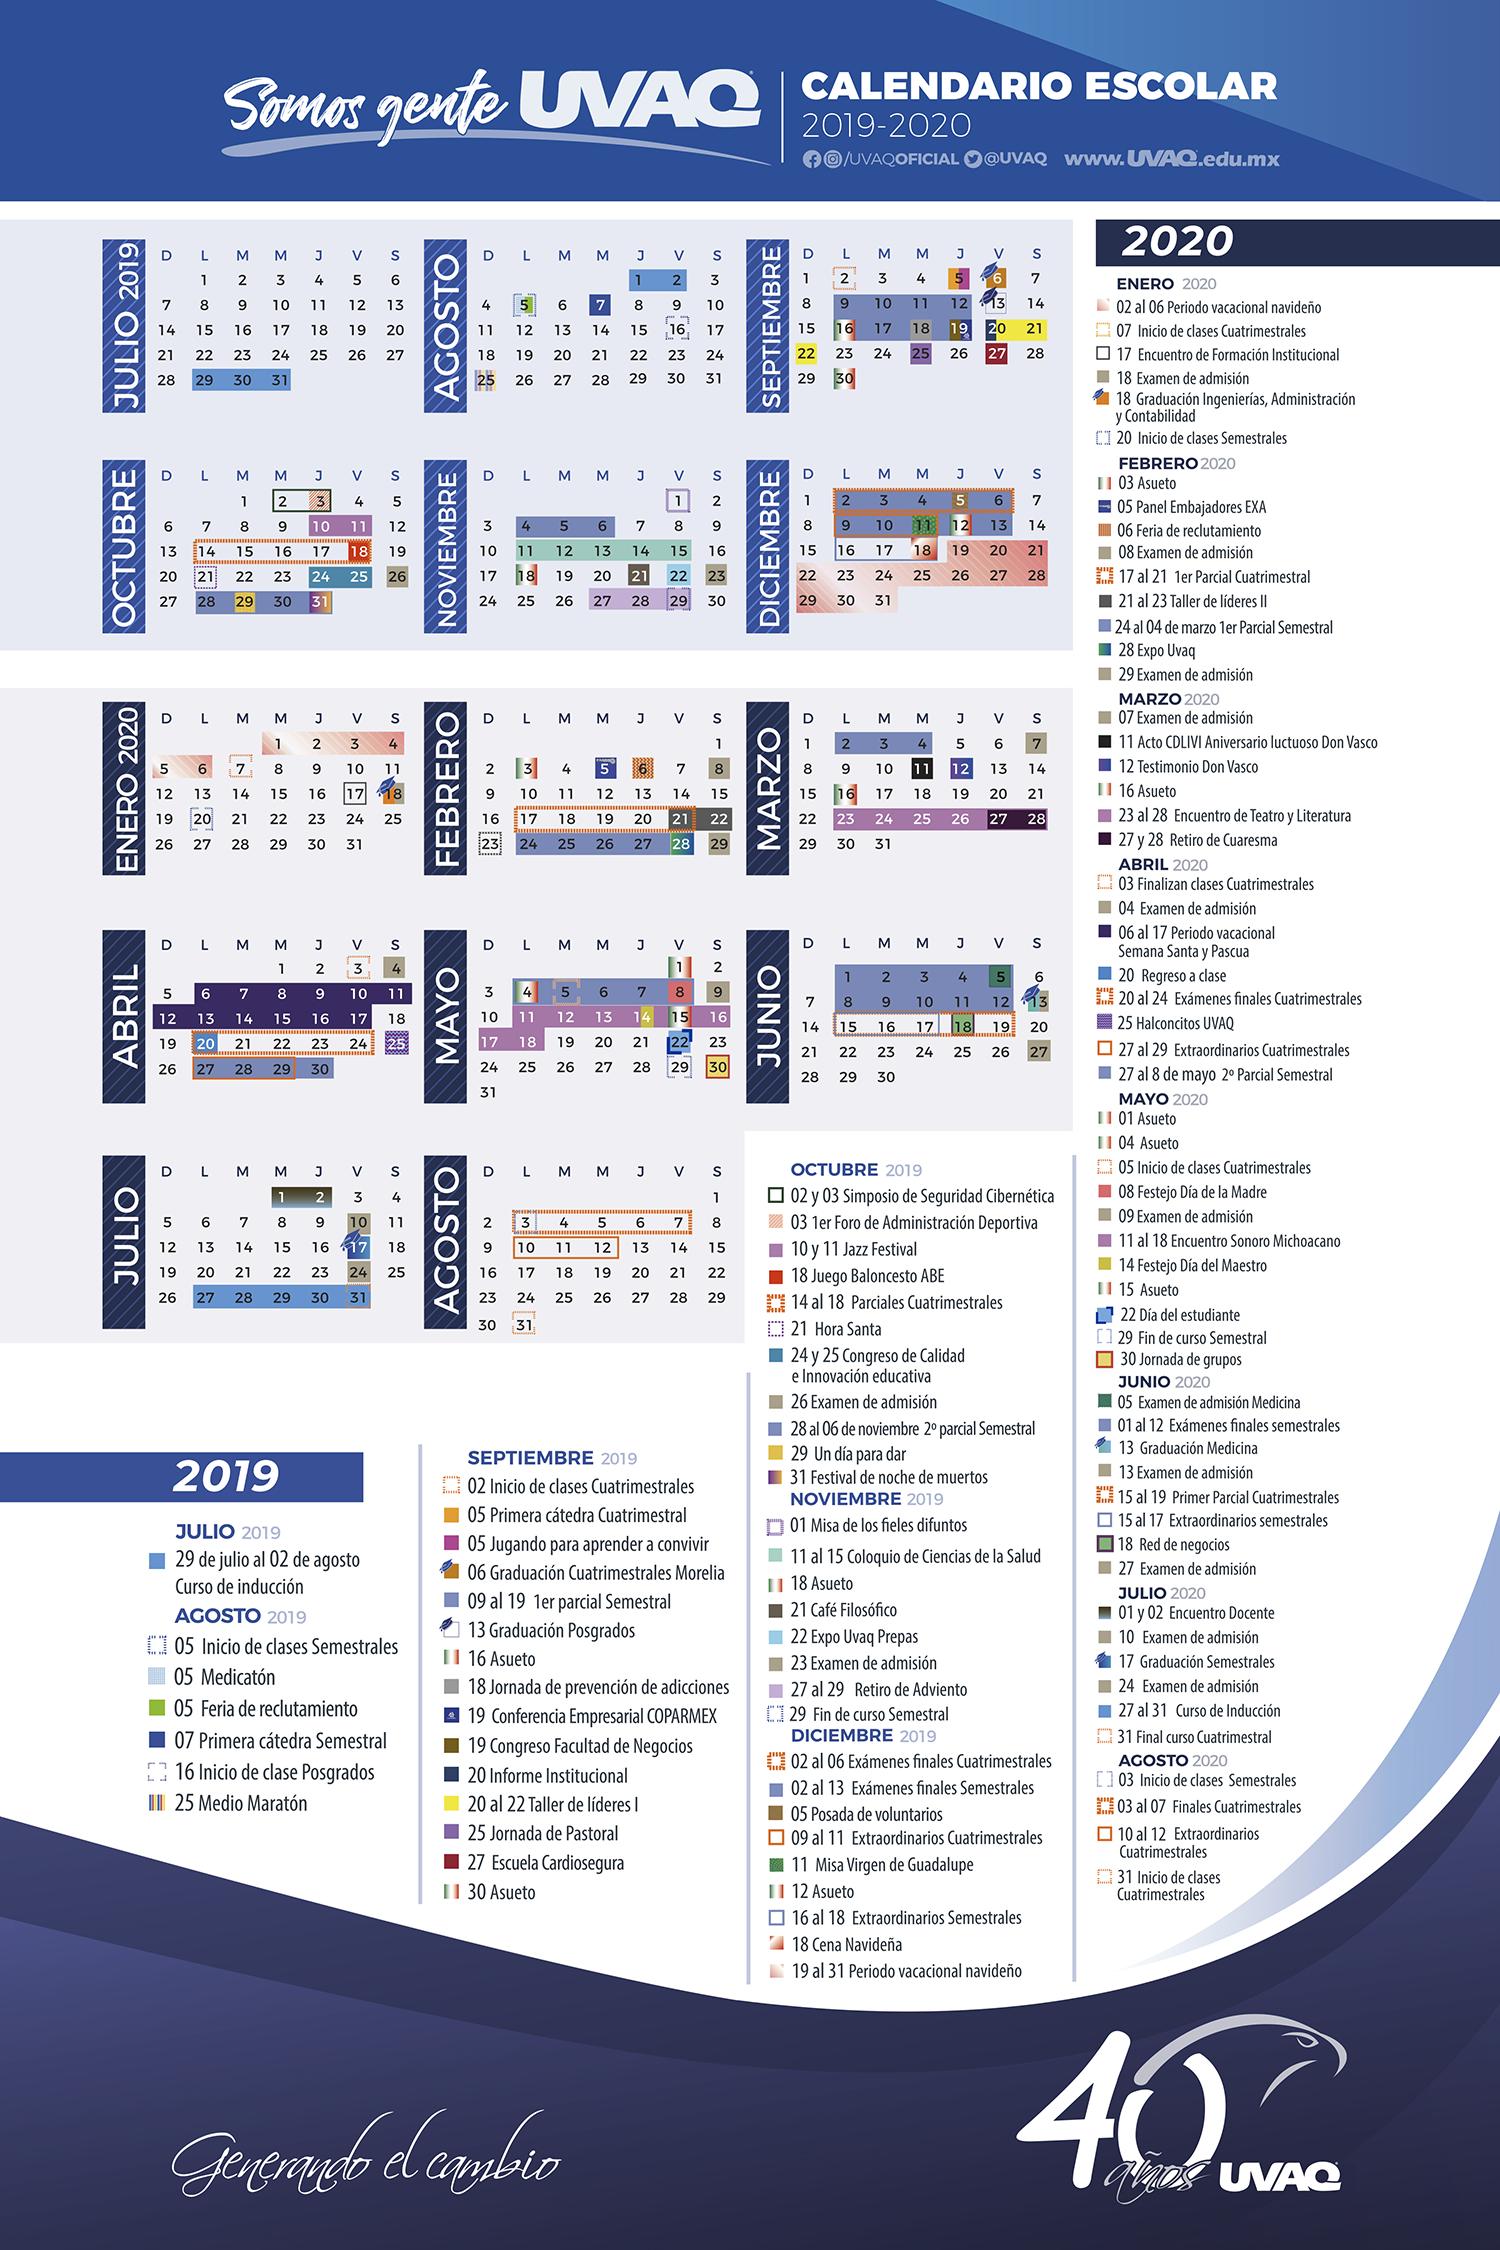 calendario-institucional-UVAQ-2019-2020